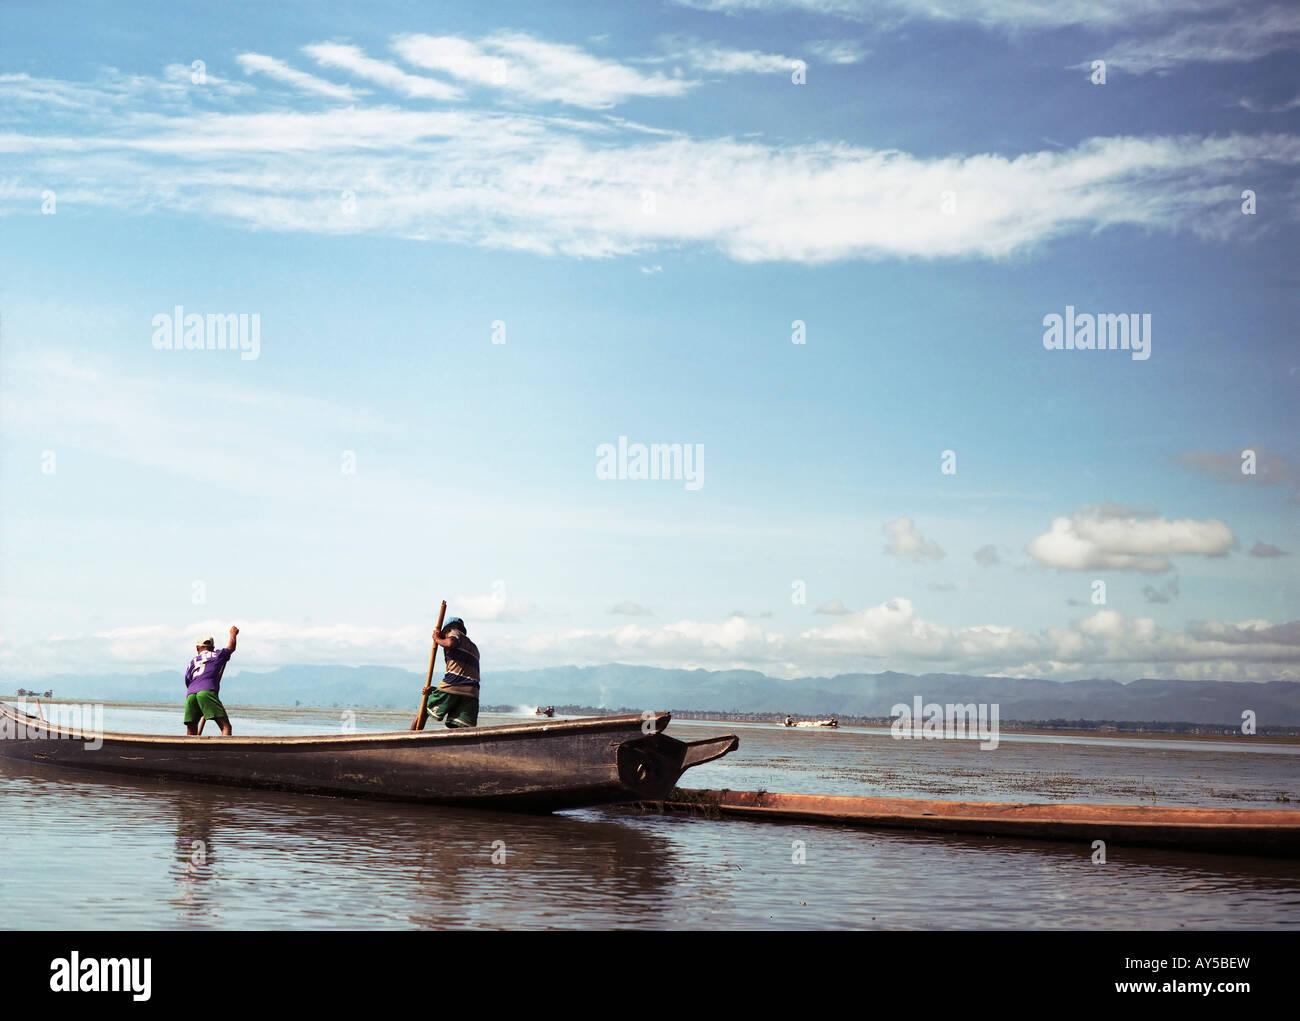 Fisher men on Inle lake - Stock Image